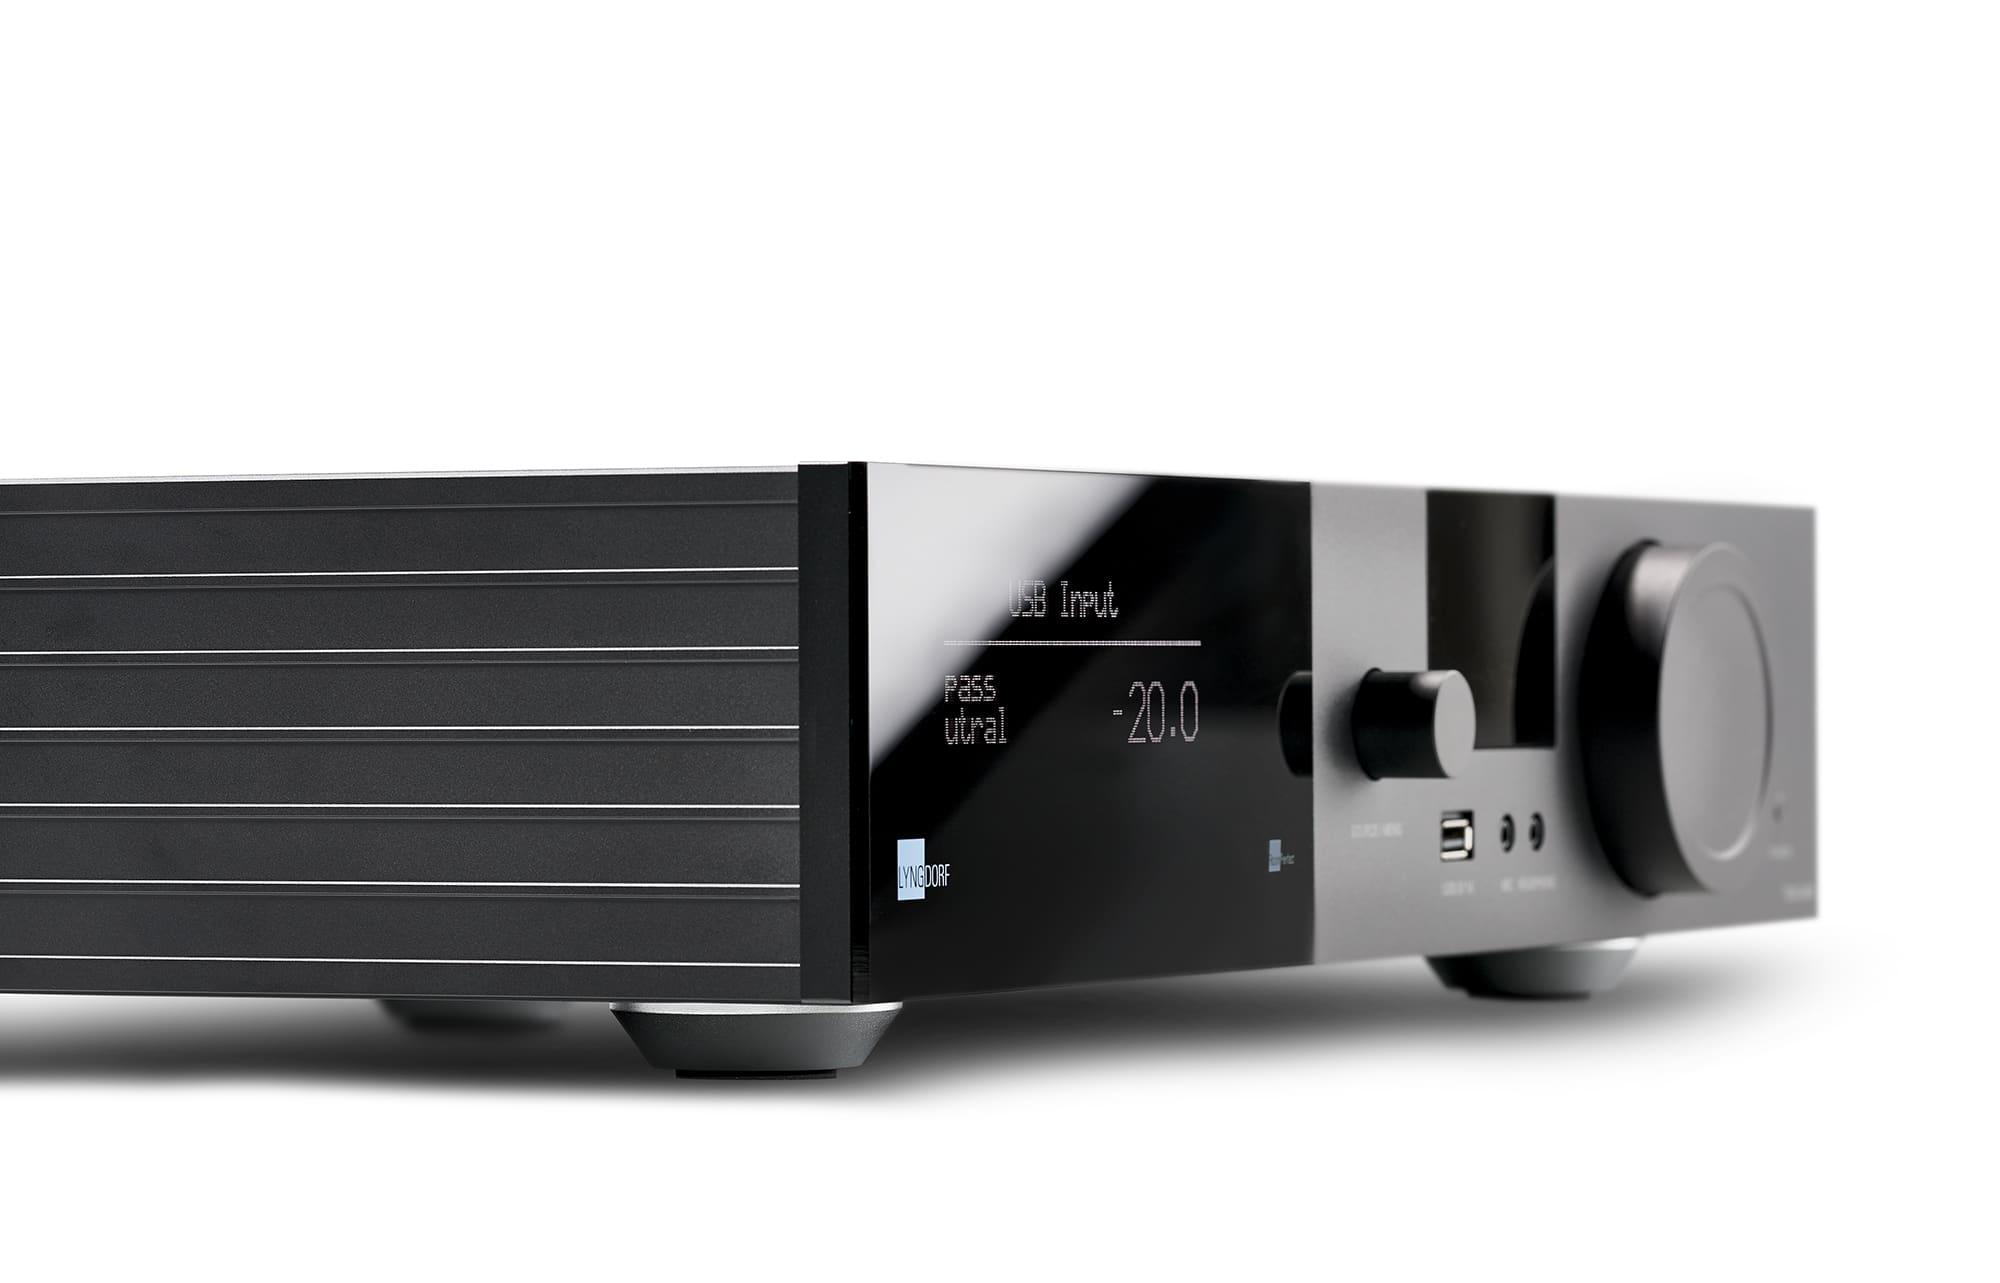 Lyngdorf TDAI 3400 amplifier